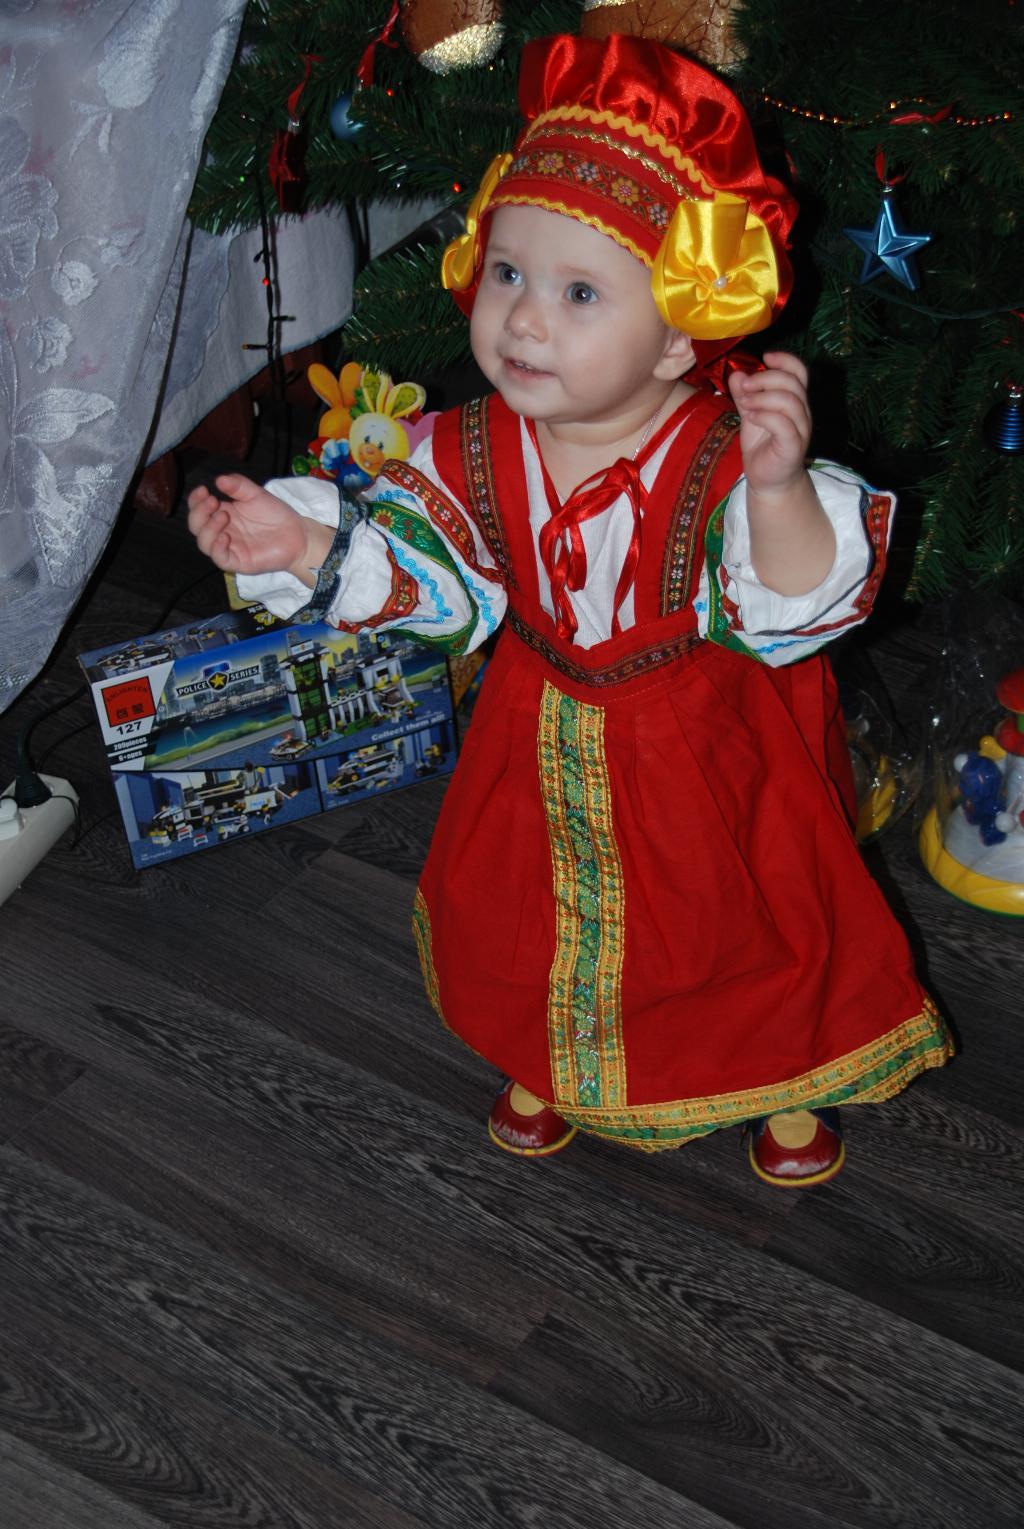 русская краса в новый год пришла. Новогодний карнавал